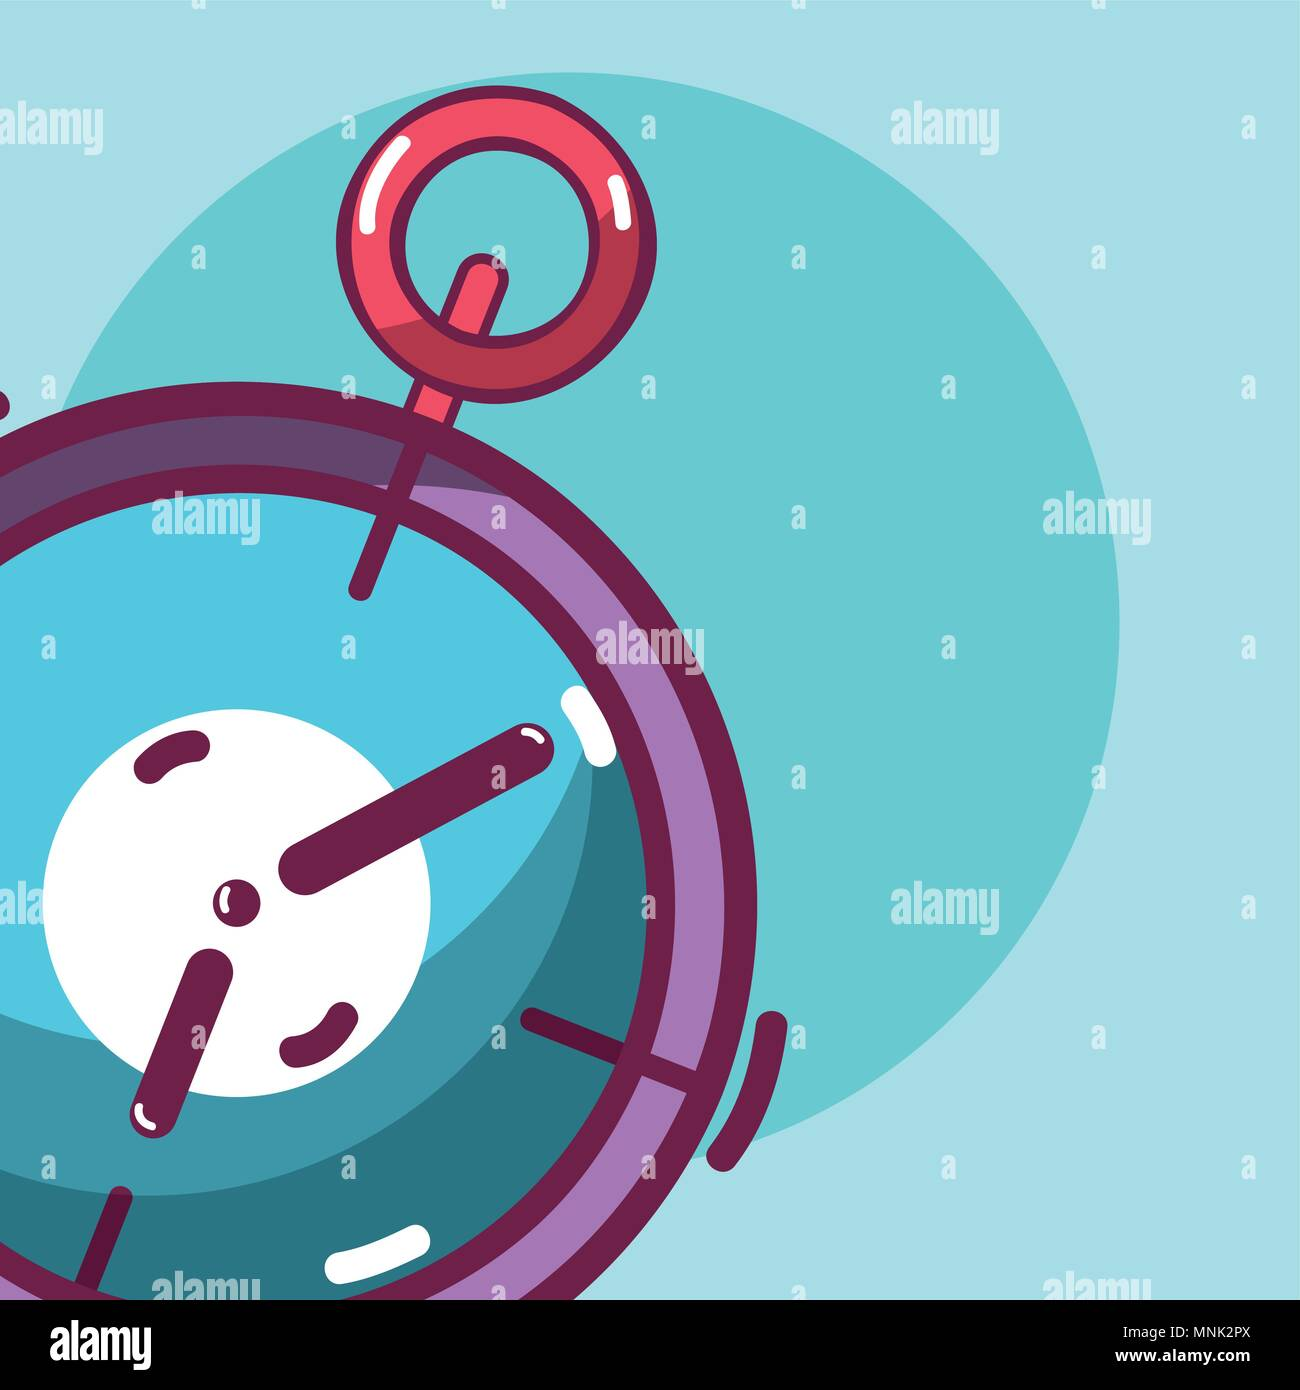 Sport chronometer equipment - Stock Image